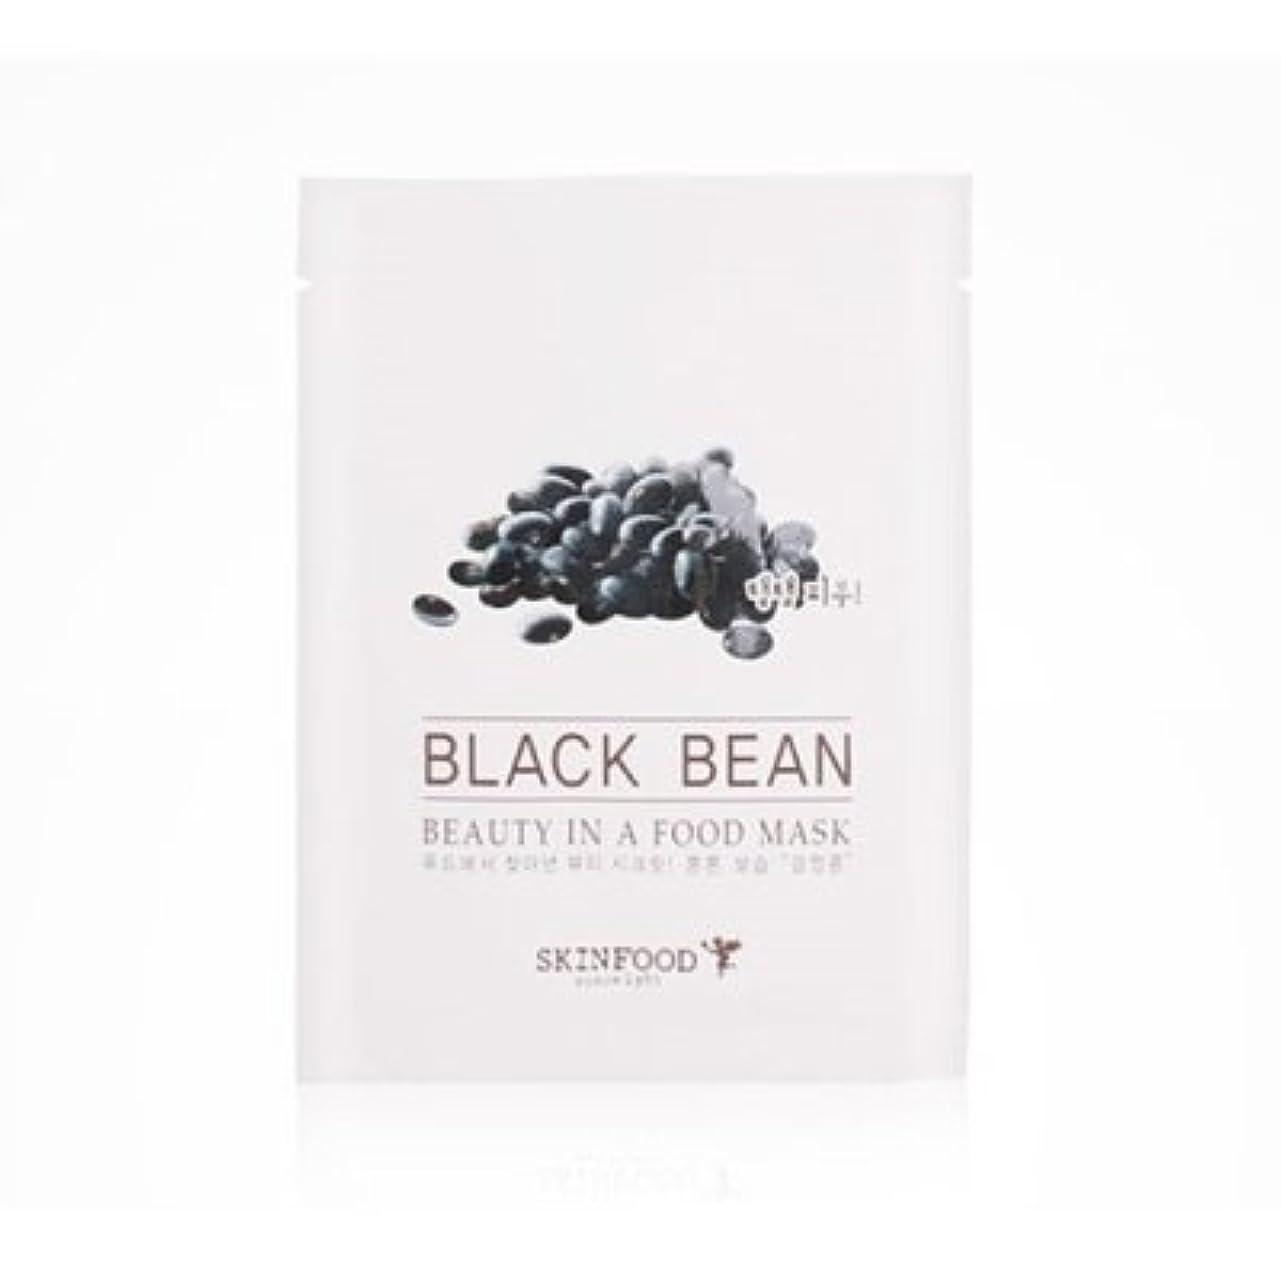 外向き行動ソファーSKINFOOD Beauty in a Food Mask Sheet 5EA (BLACK BEAN) / スキンフード ビューティー イン ア フード マスクシート [並行輸入品]